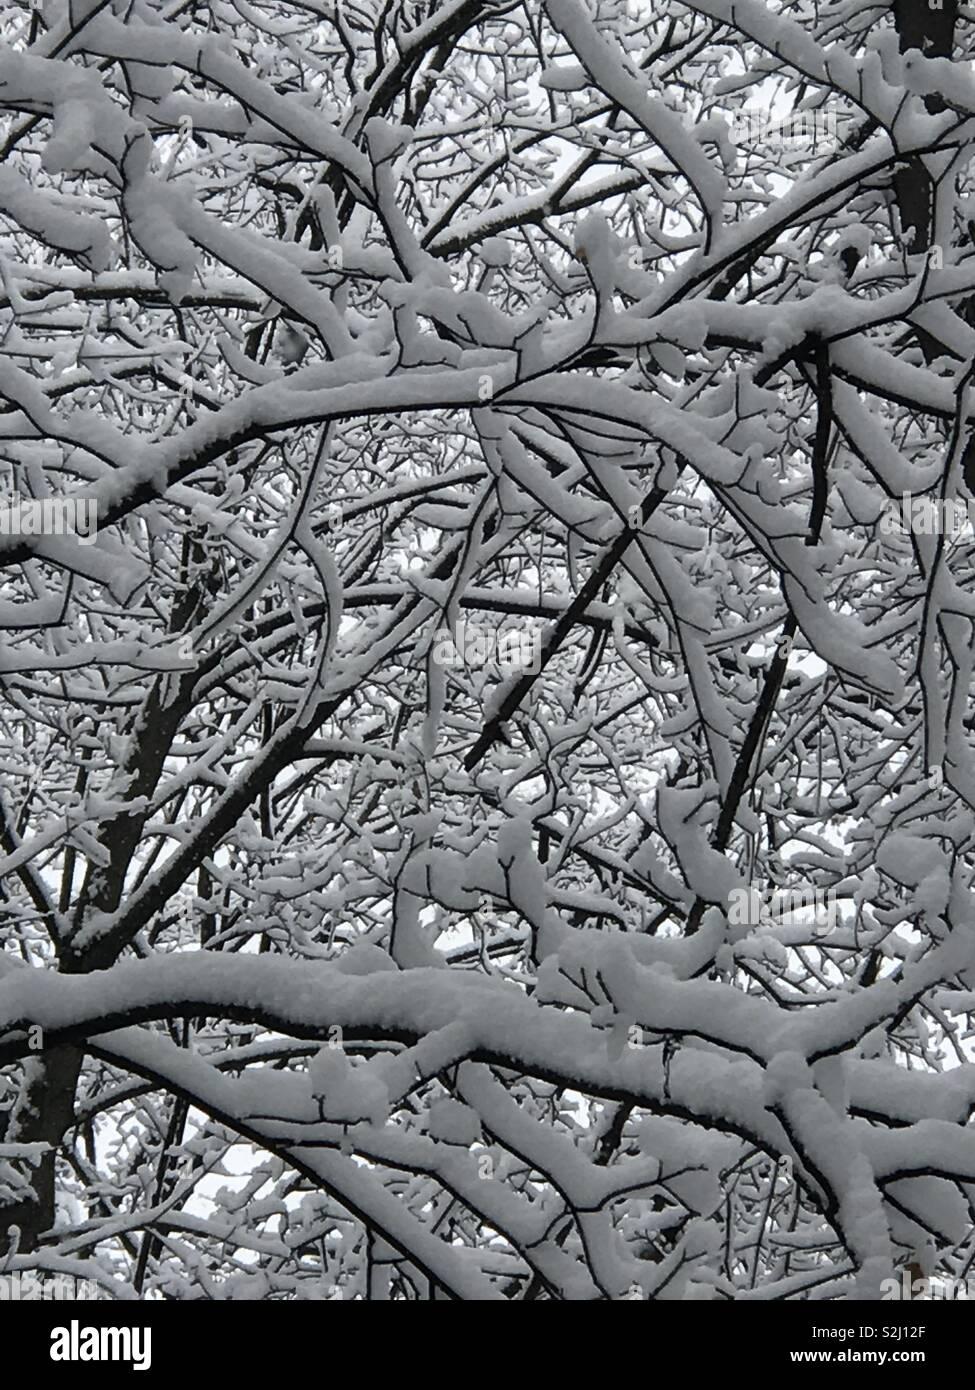 Snow trees - Stock Image